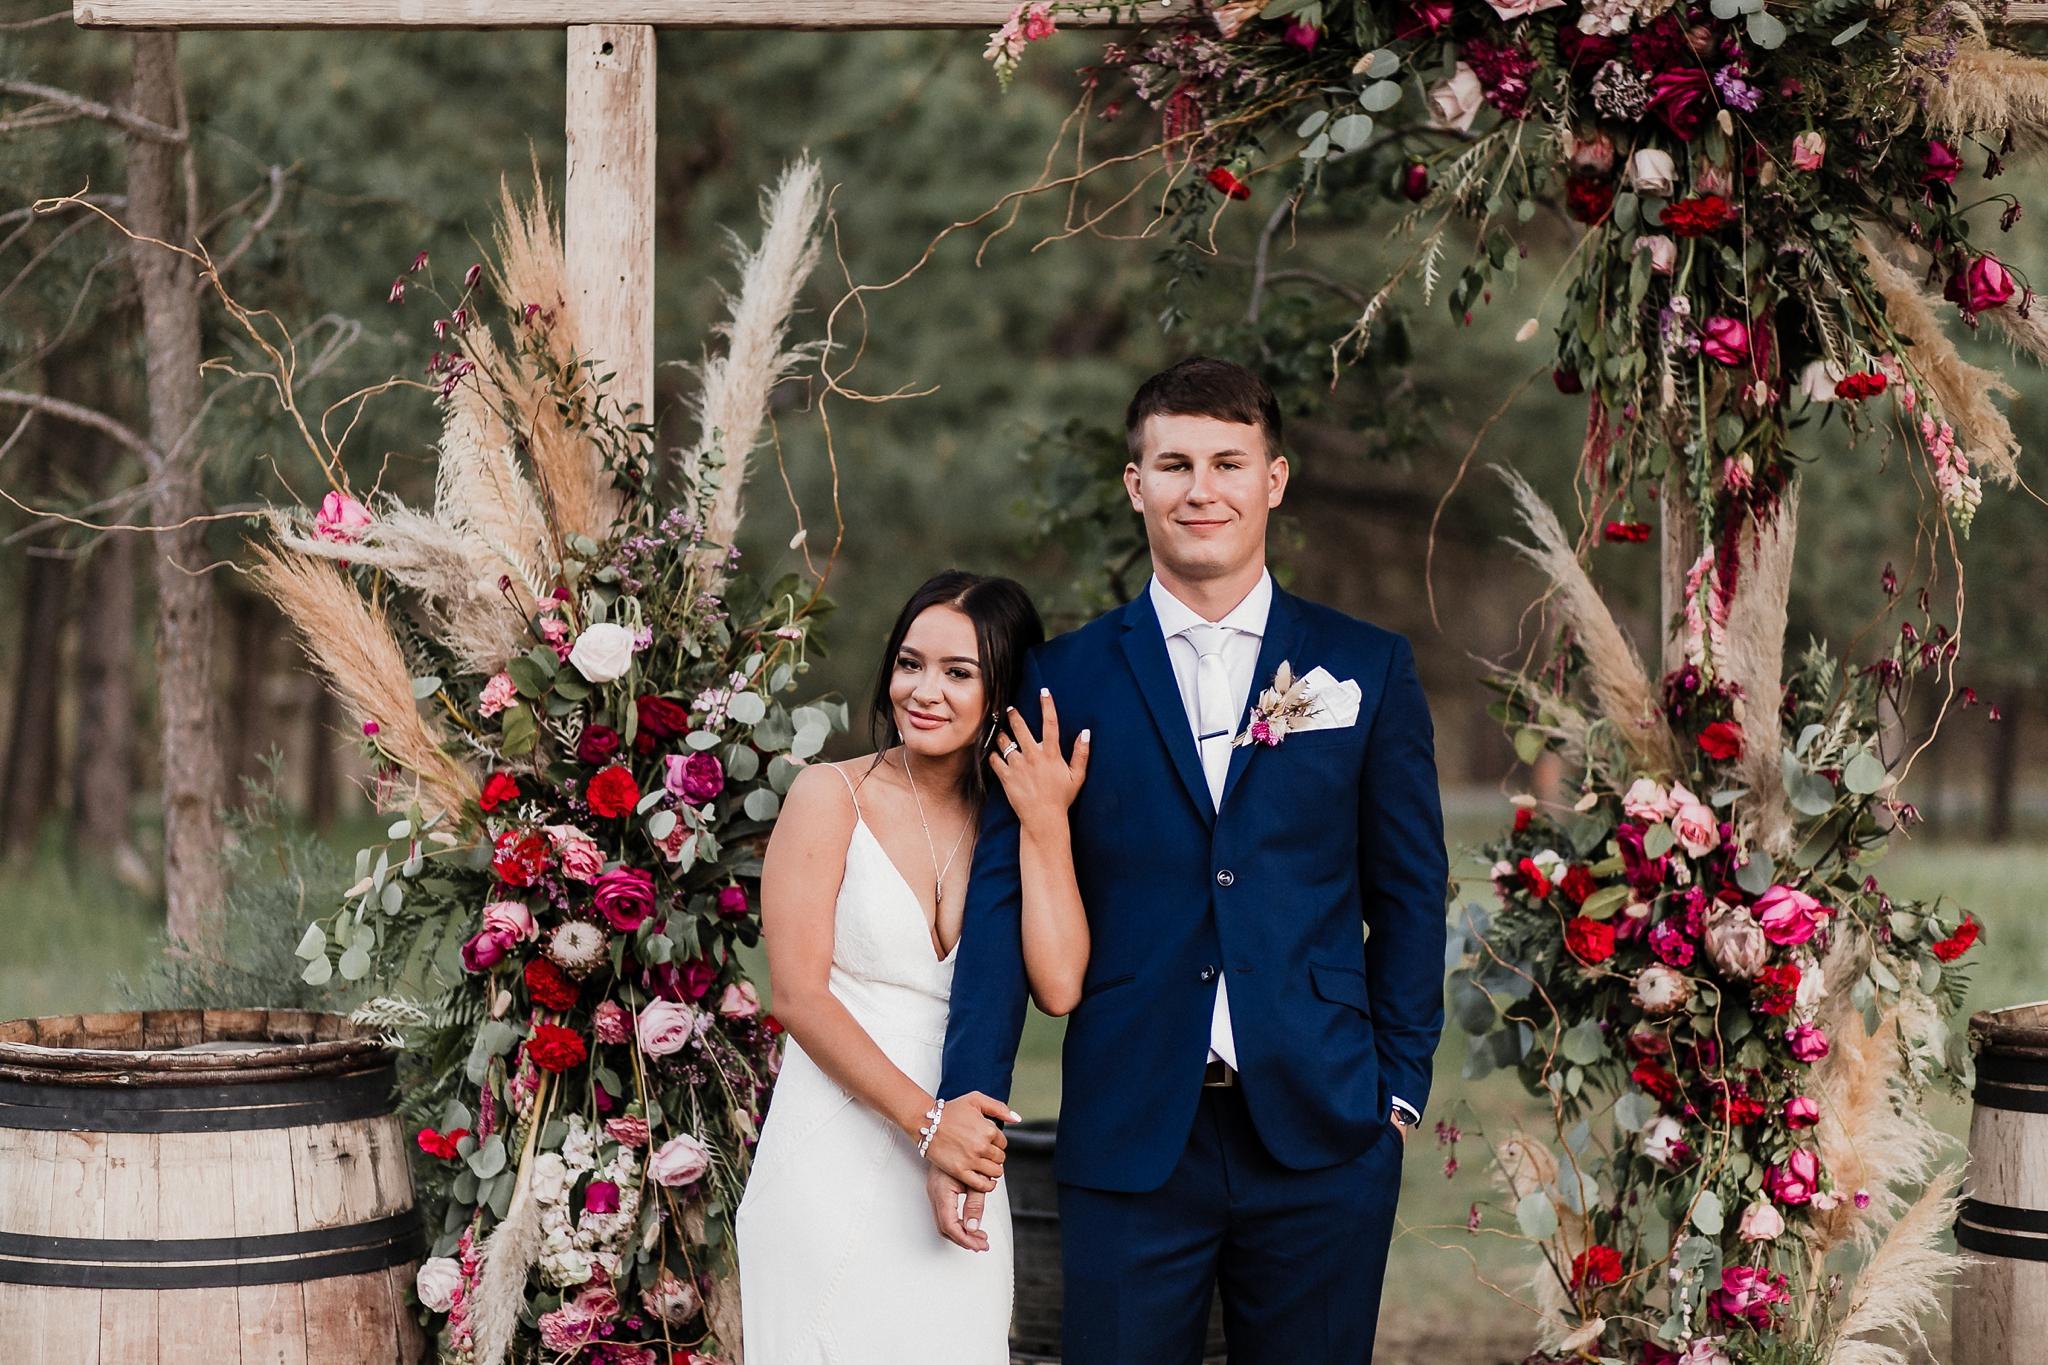 Alicia+lucia+photography+-+albuquerque+wedding+photographer+-+santa+fe+wedding+photography+-+new+mexico+wedding+photographer+-+new+mexico+wedding+-+new+mexico+wedding+-+barn+wedding+-+enchanted+vine+barn+wedding+-+ruidoso+wedding_0143.jpg